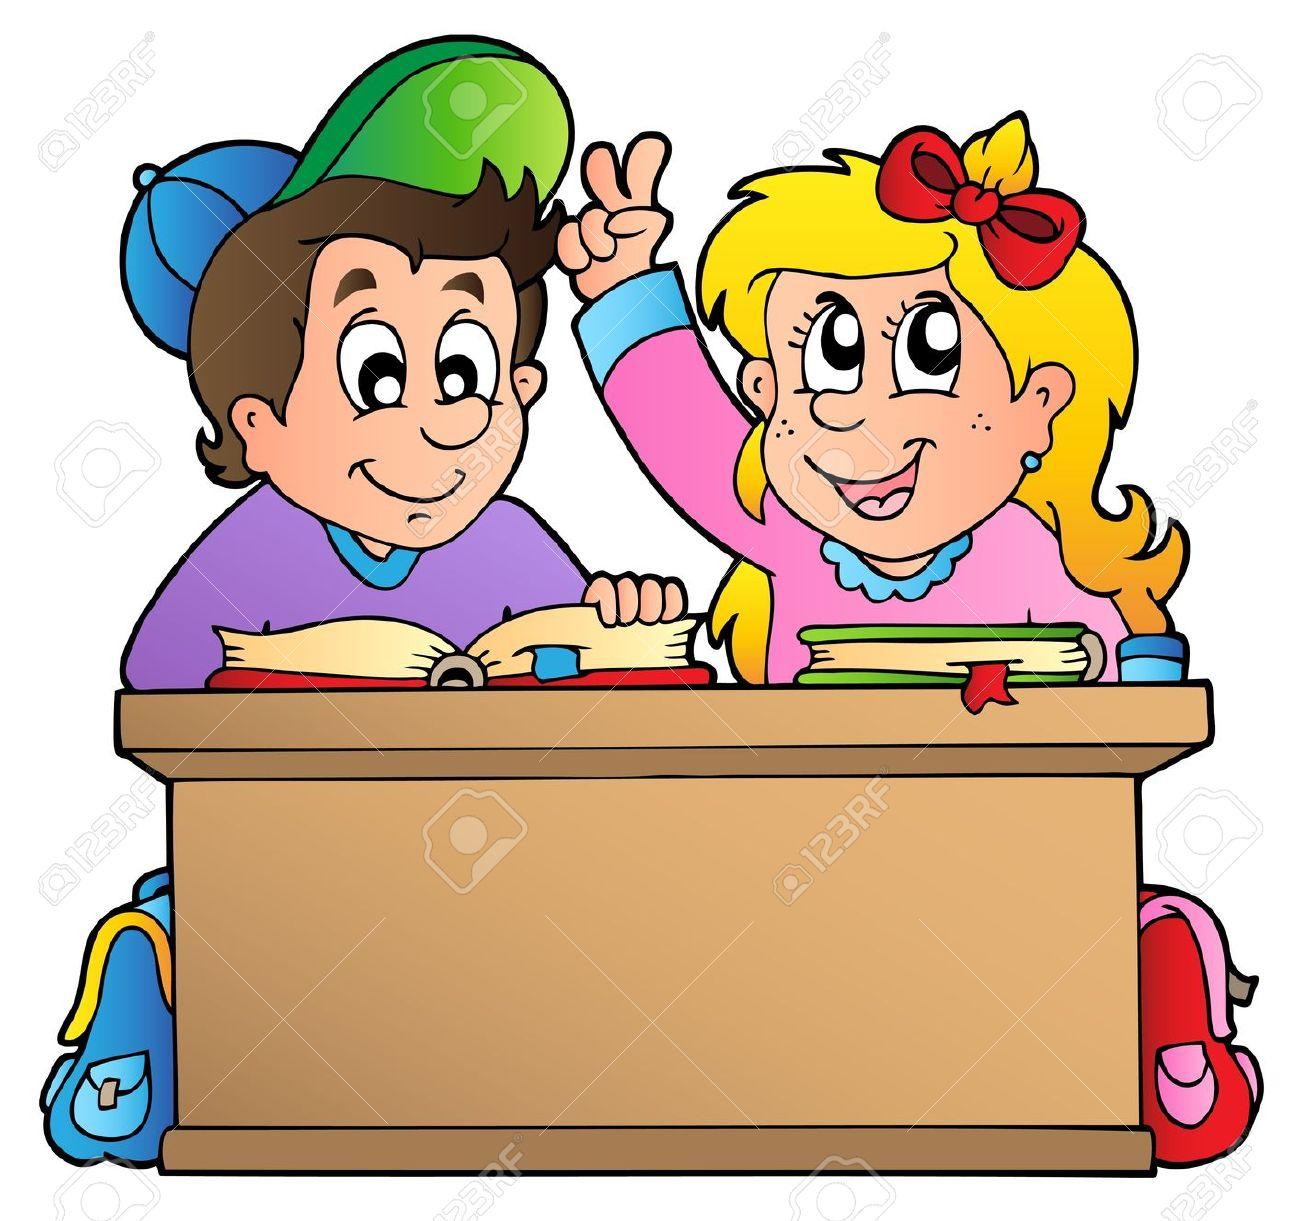 Kinder in der schule clipart clip freeuse Kinder in der schule clipart - ClipartFest clip freeuse